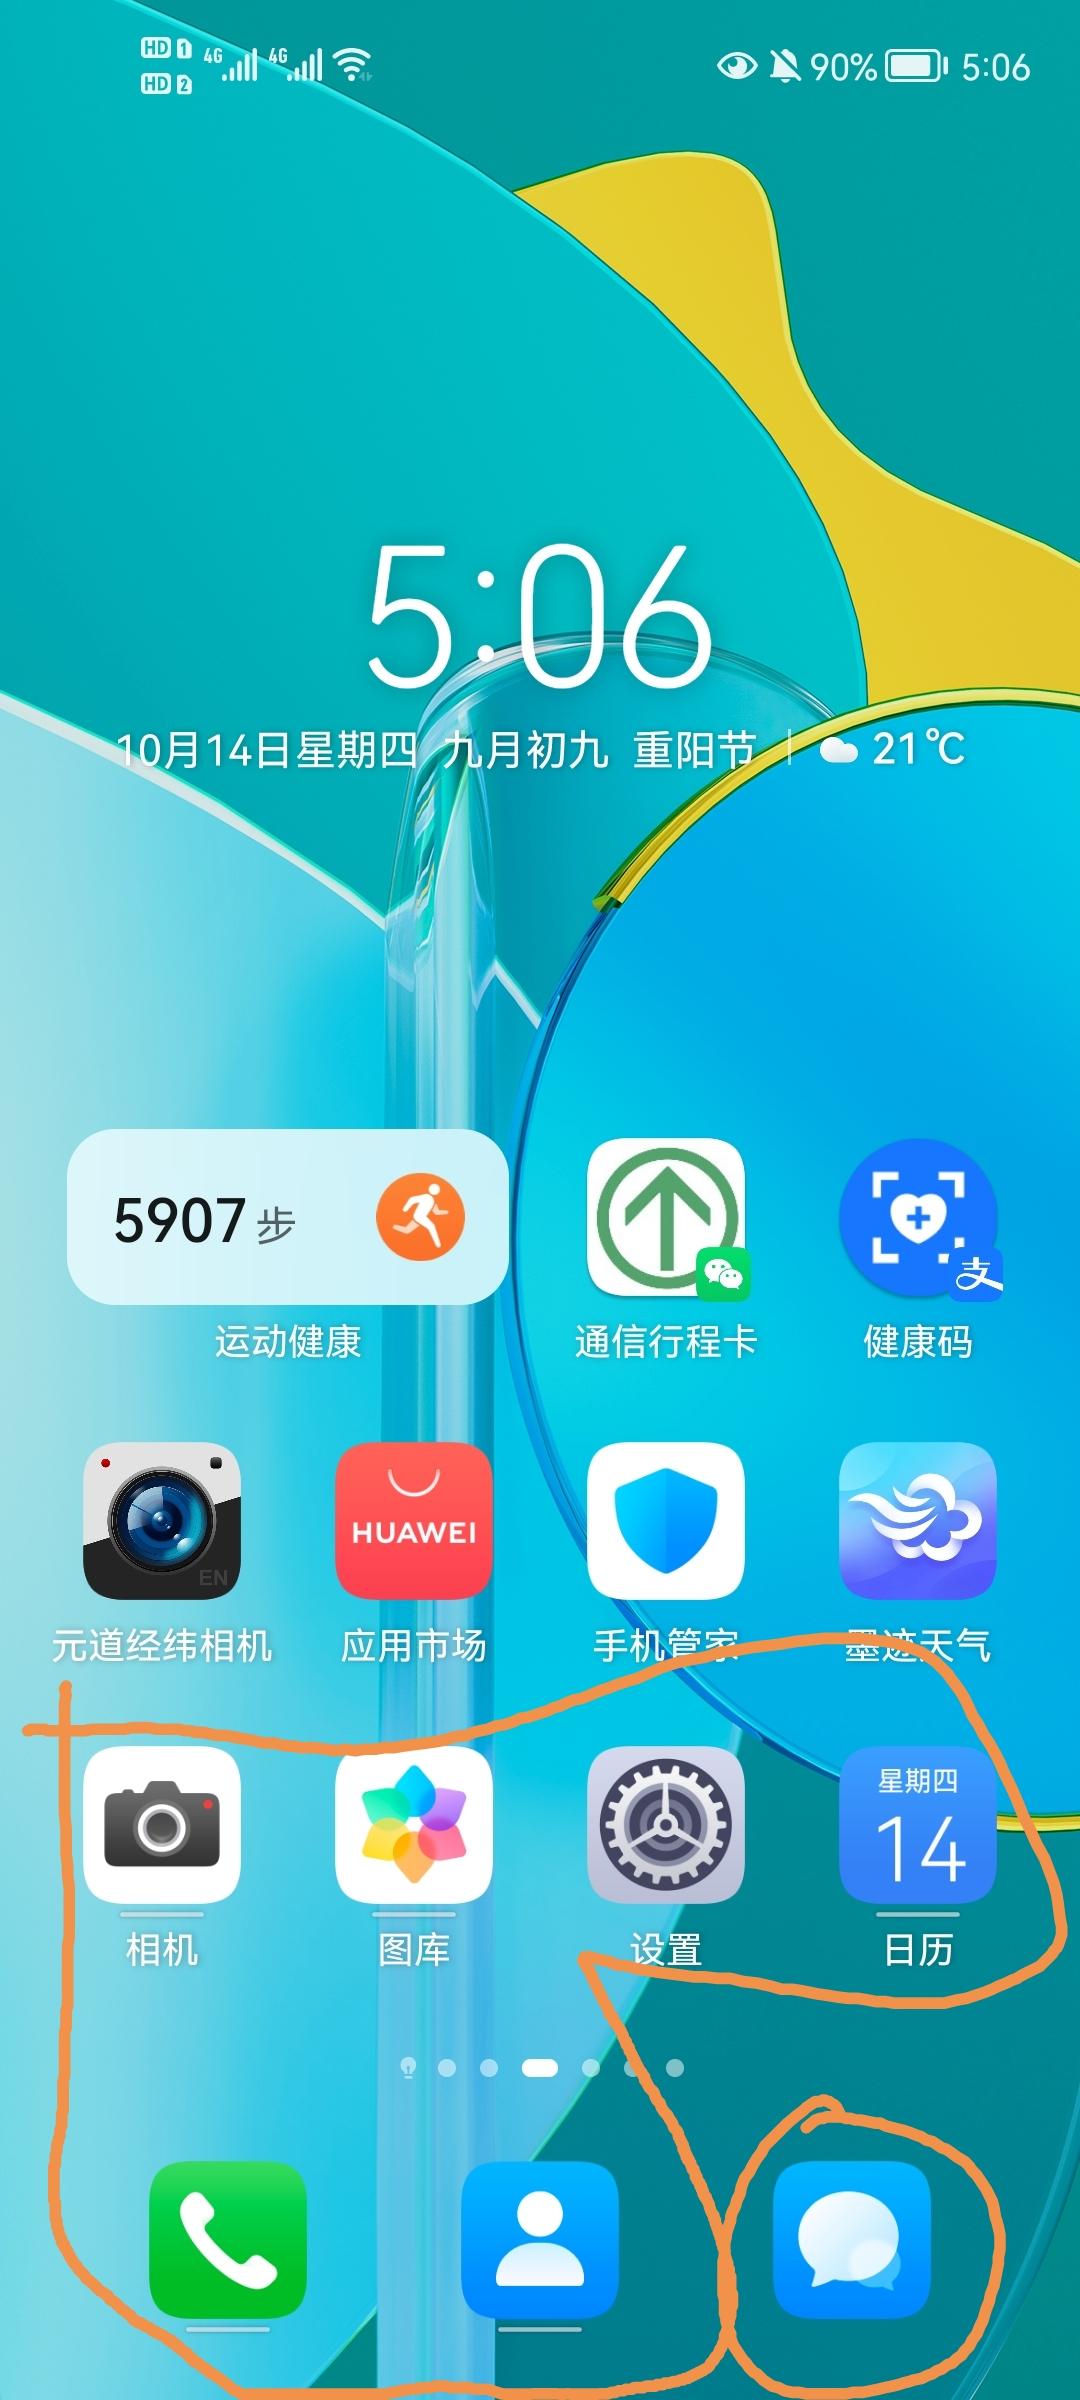 Screenshot_20211014_170642.jpg